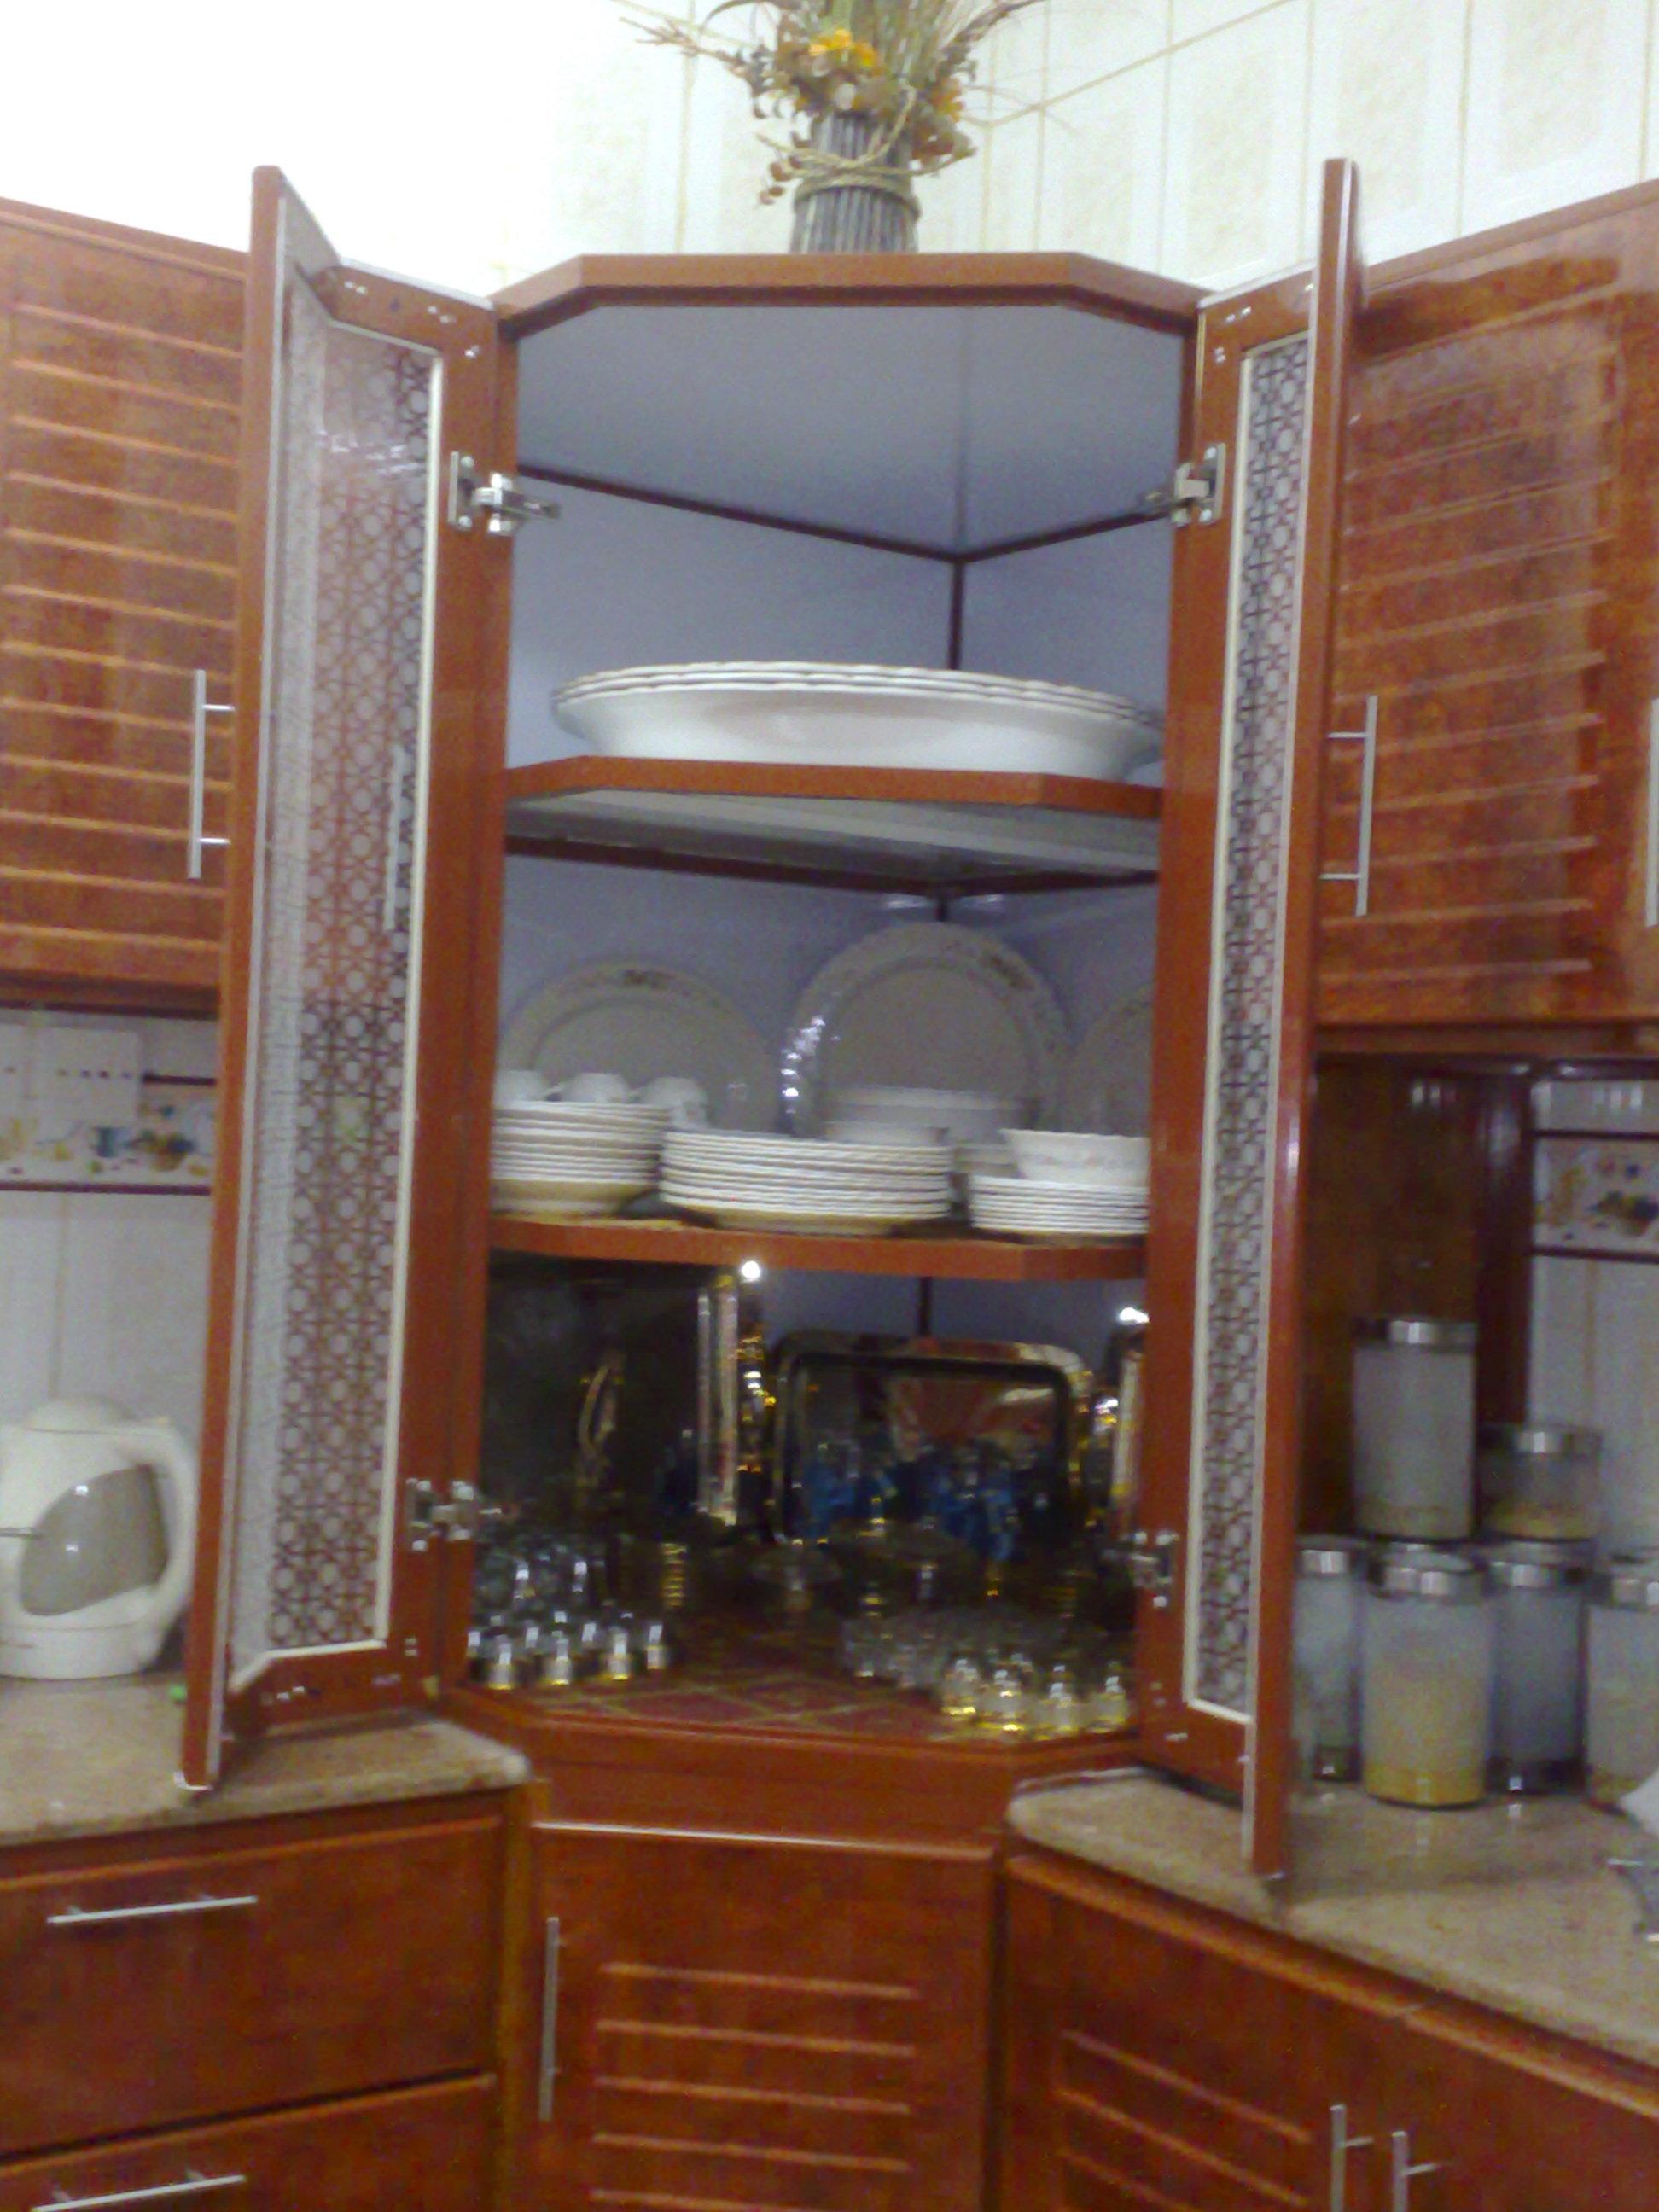 بالصور ترتيب المطبخ بالصور , خلى مطبخك ينور من النظافة 1418 7